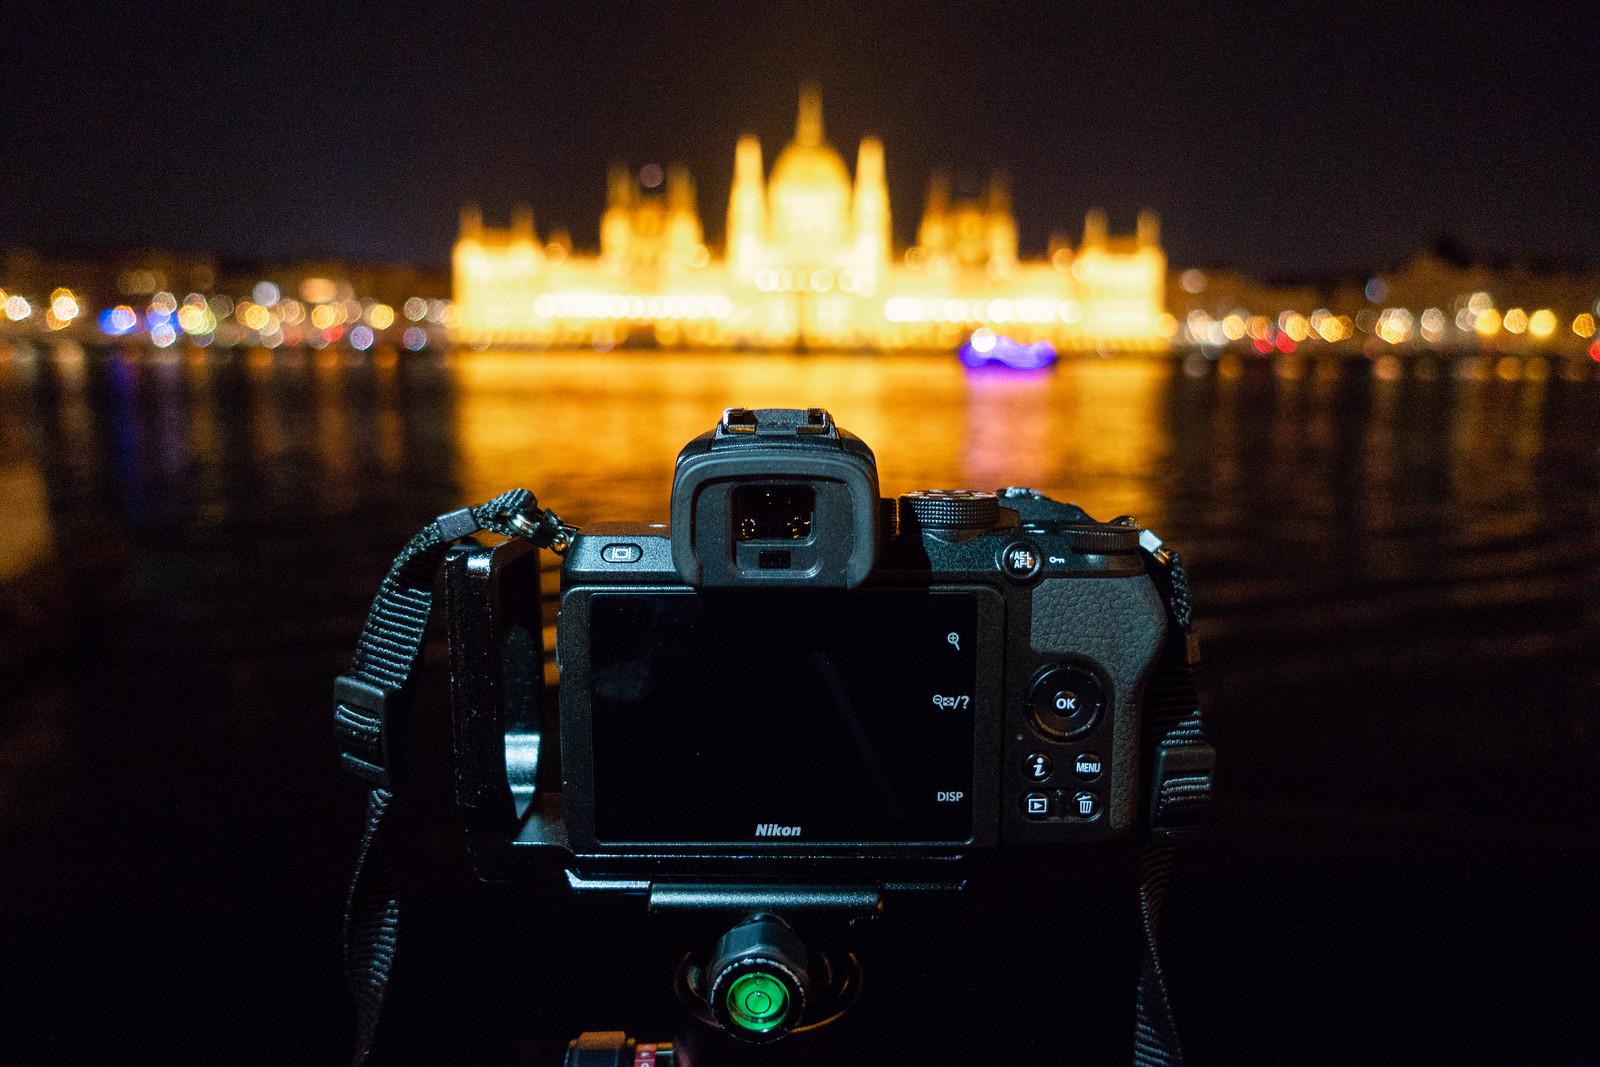 Éjszakai fotózás Budapesten a Parlamenttel szemben